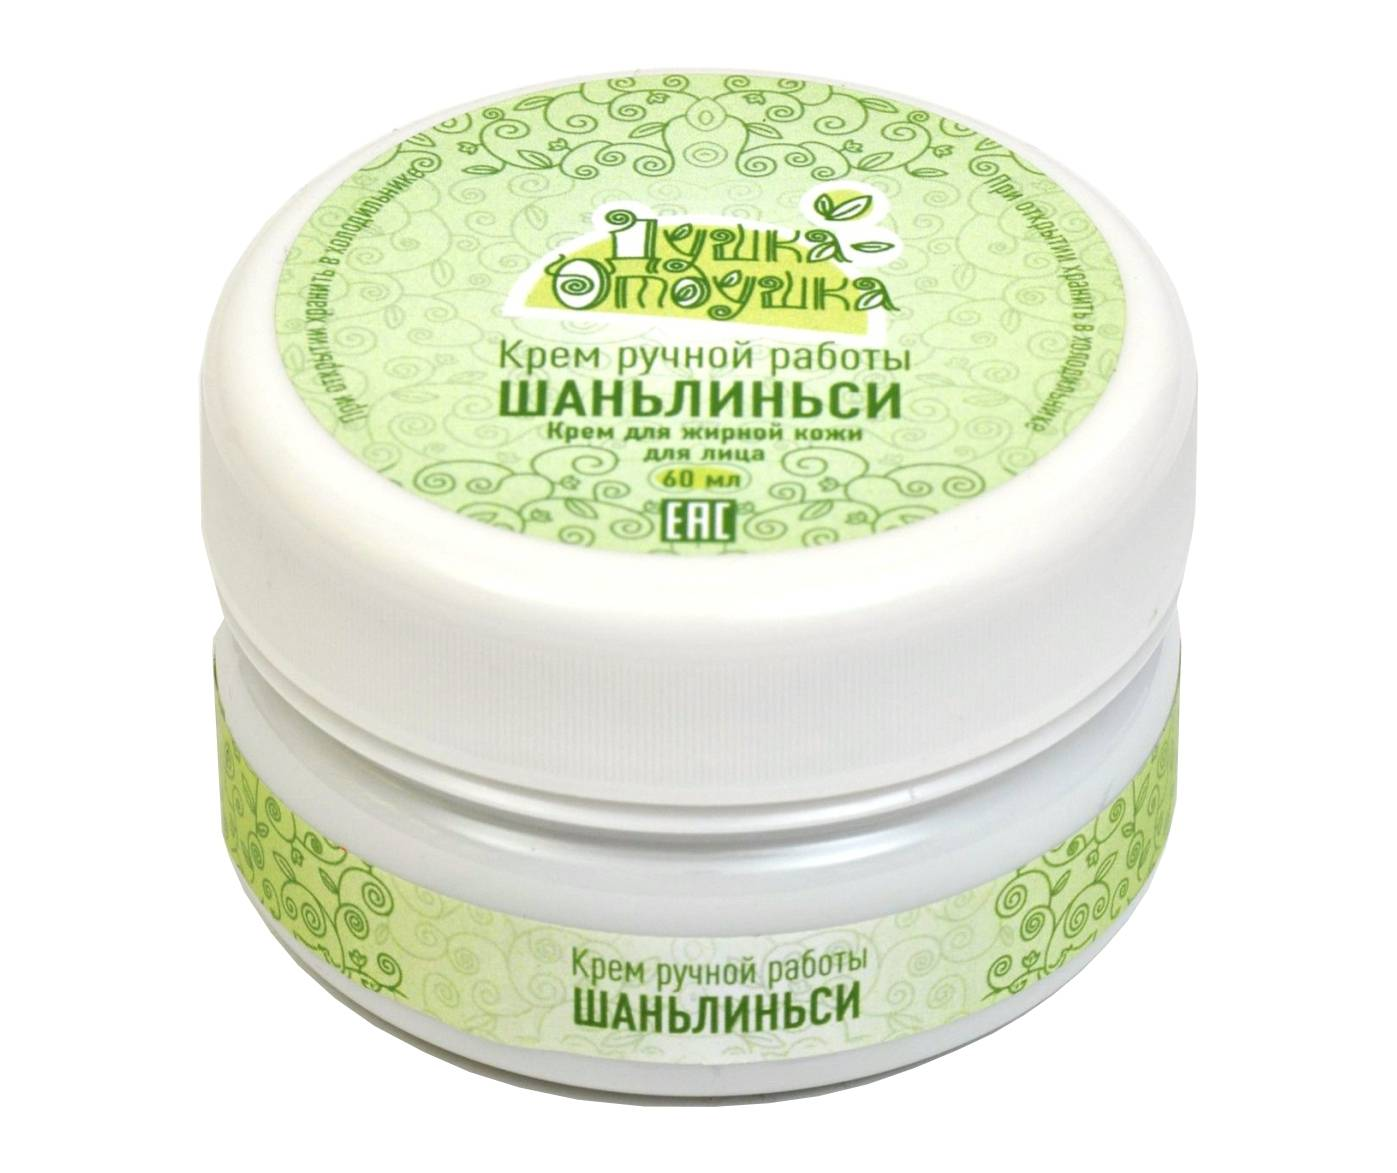 Топ-10 кремов для жирной кожи с расширенными порами – лучшие матирующие